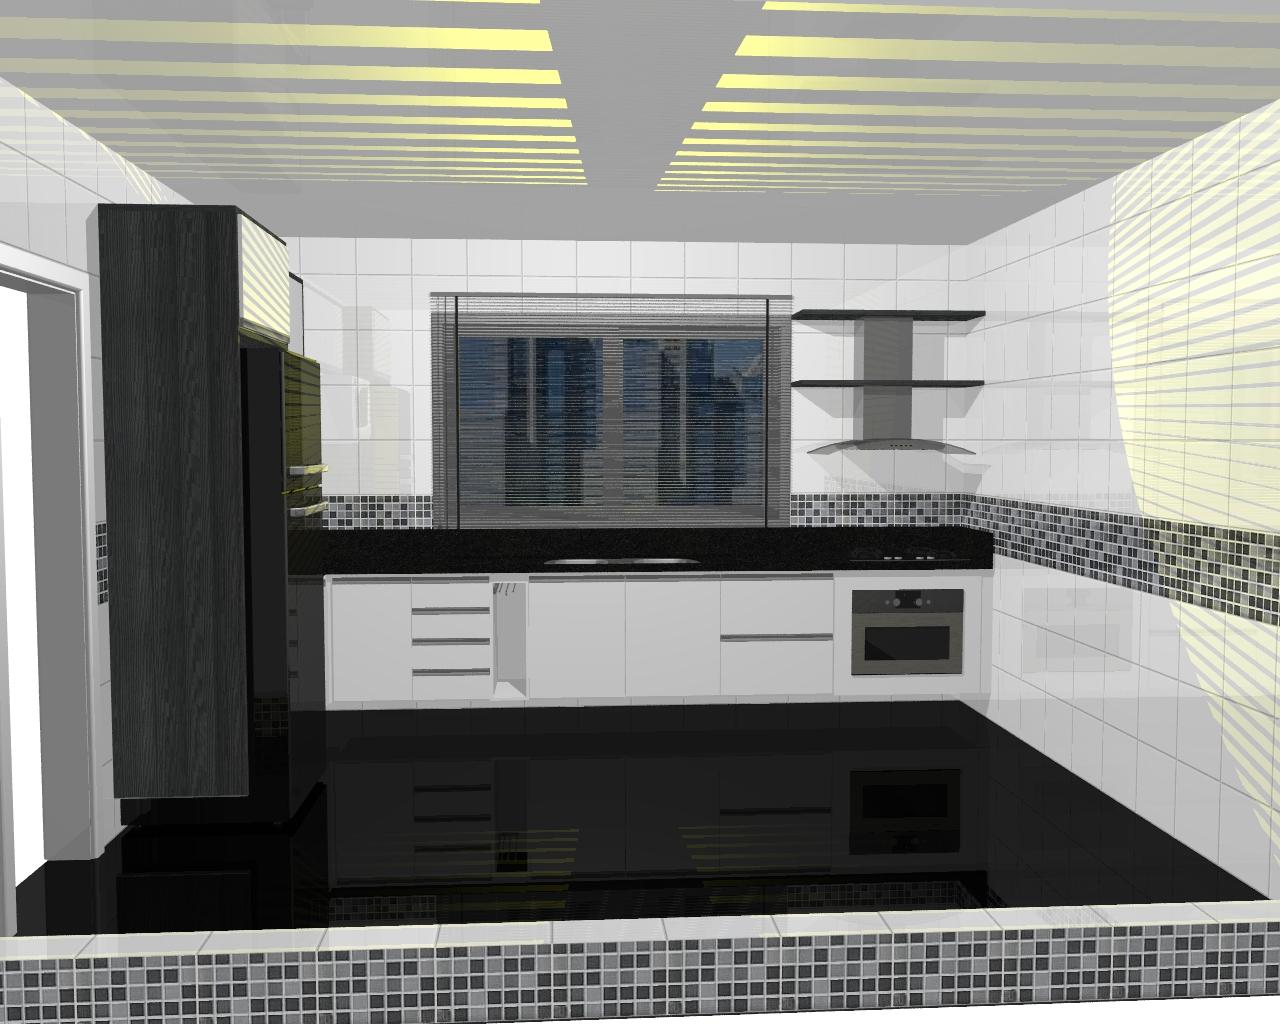 #7D7D4E Cozinha com uma visão mais conservadora com portas de abrir e fogão  1280x1024 px Projetos De Cozinhas Planejadas Italinea #709 imagens